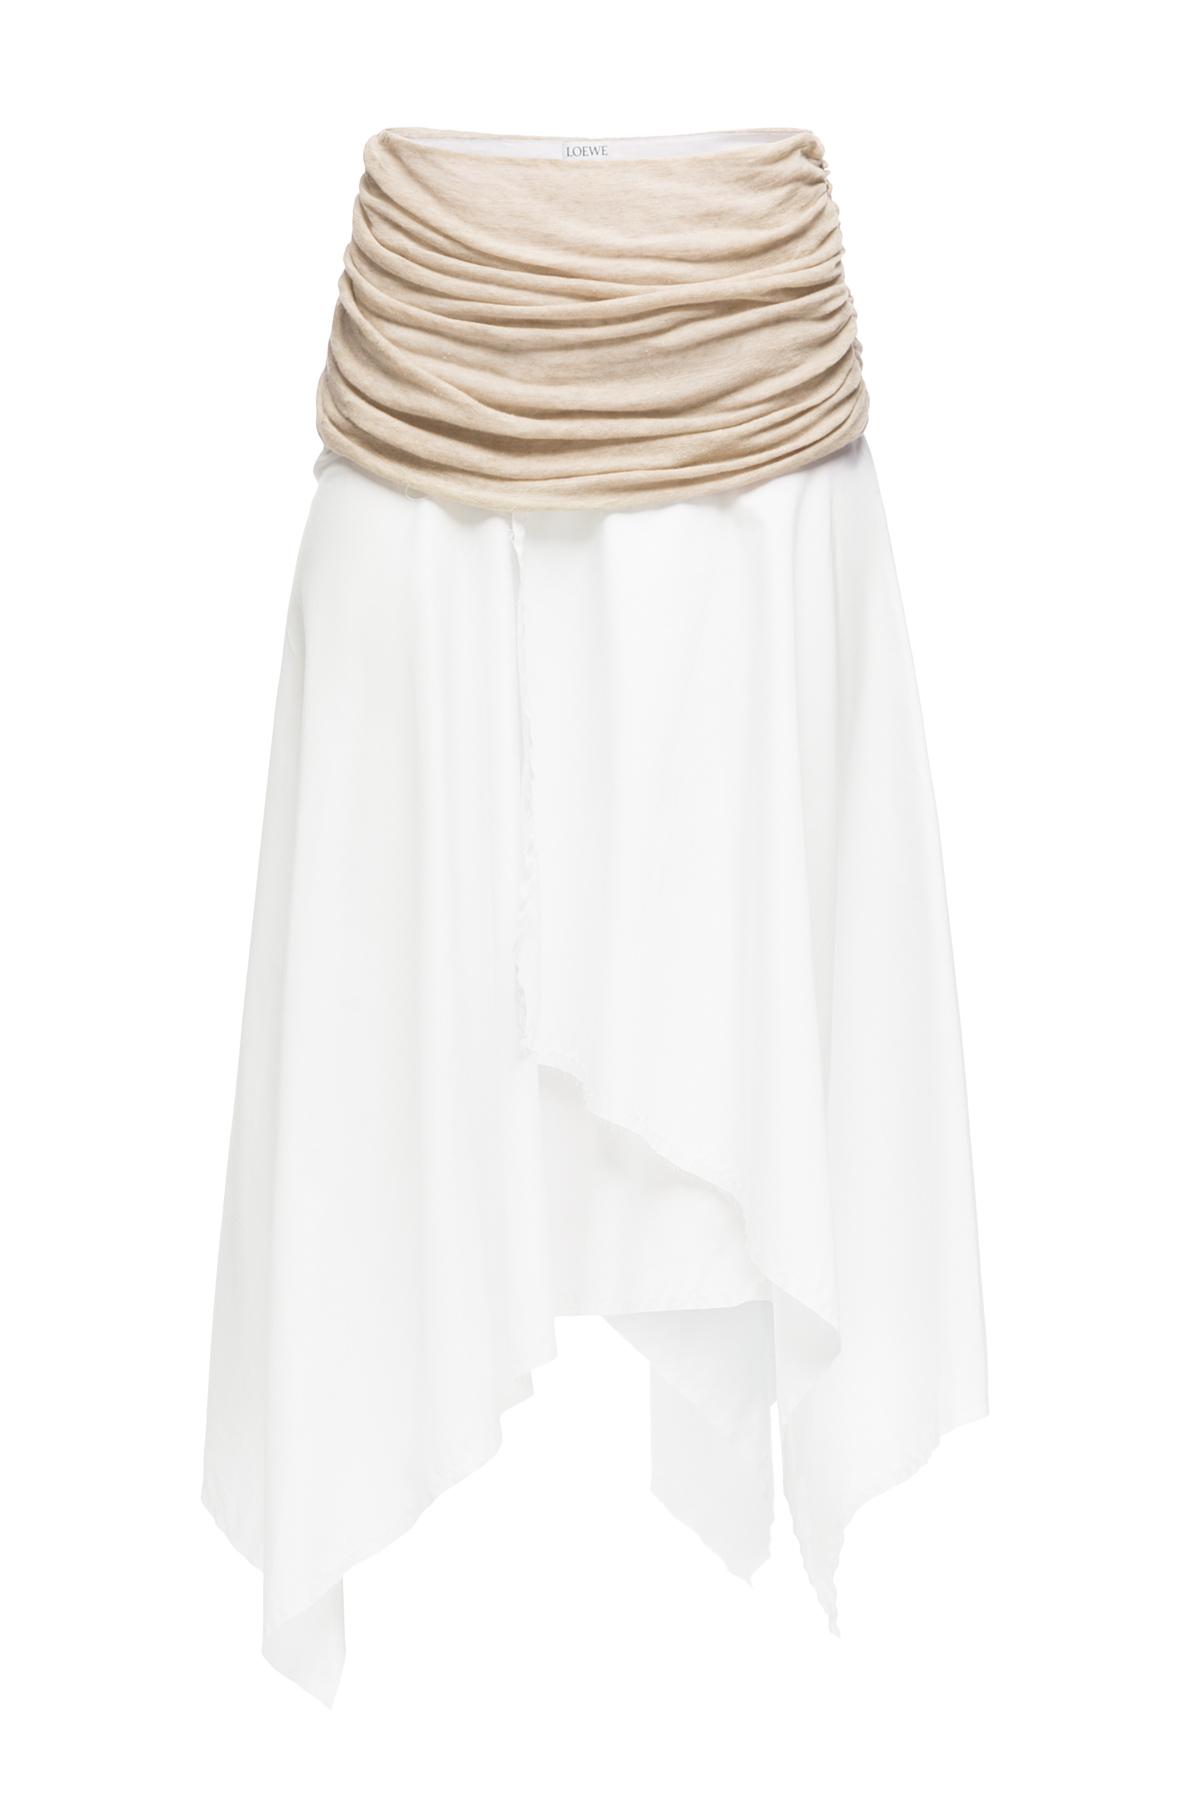 LOEWE Asymmetric Skirt ホワイト/ベージュ front